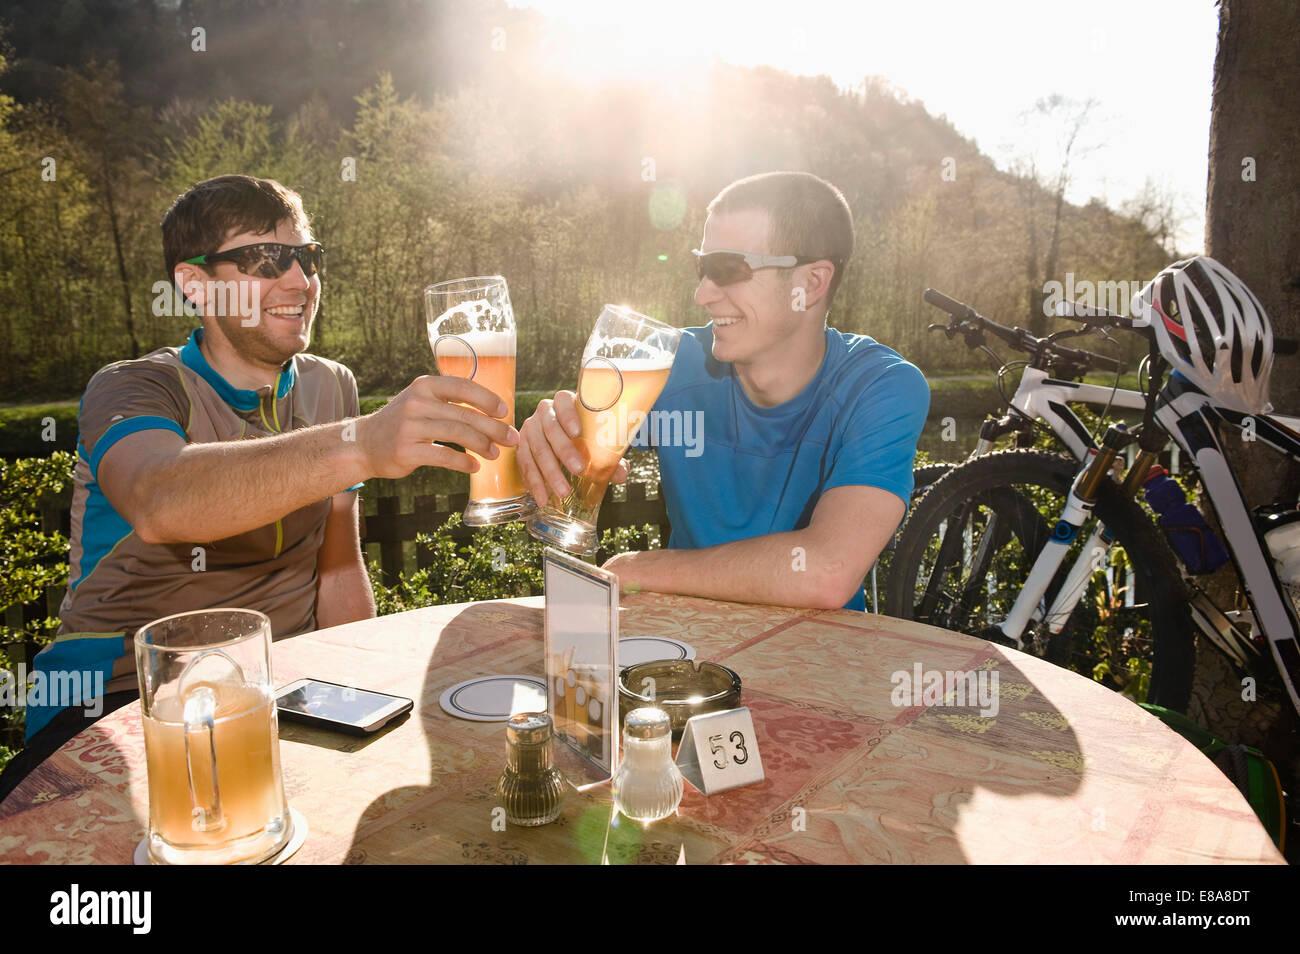 Jeunes gens qui buvaient de la bière, Bavière, Allemagne Photo Stock